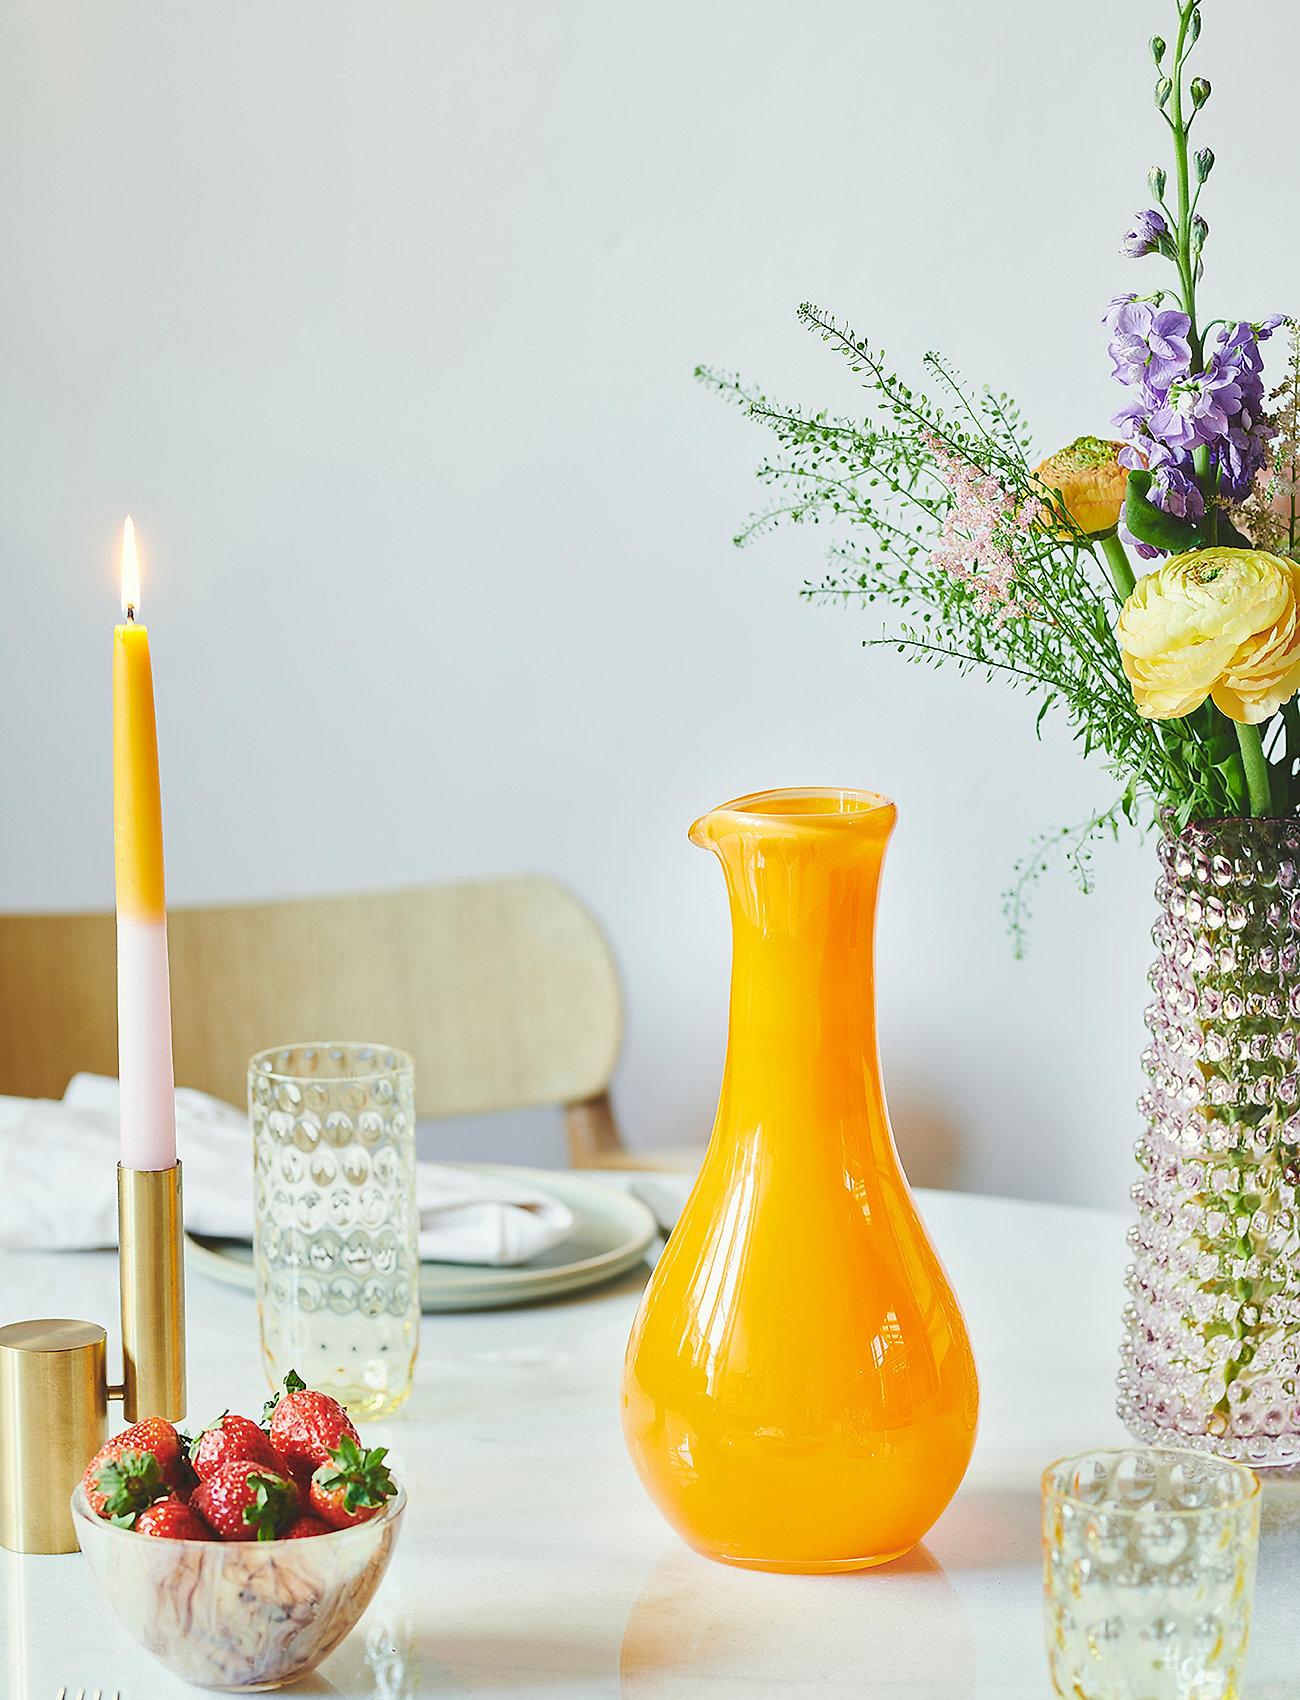 Kodanska - FLOW CARAFE - 100–200€ - orange w. dots - 1